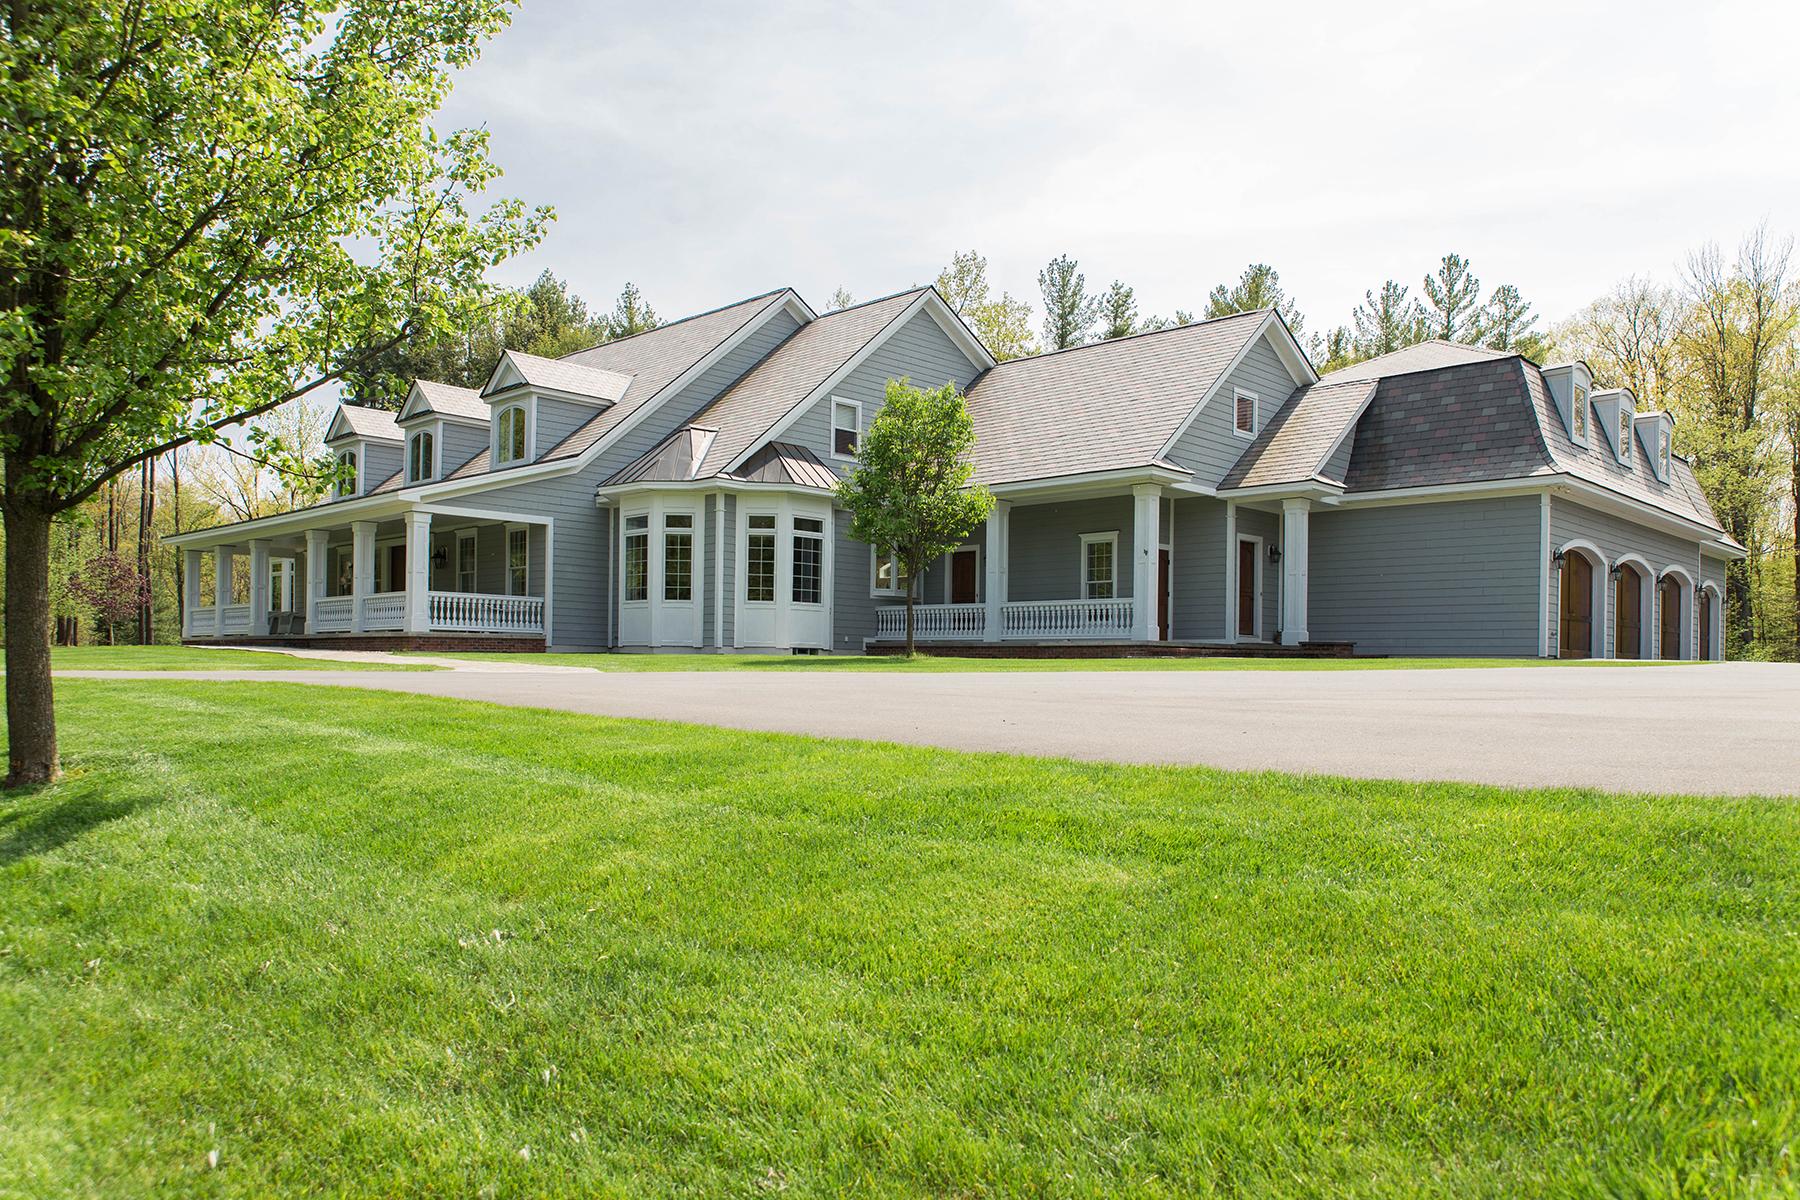 Casa Unifamiliar por un Venta en Slingerlands Estate 47 Talon Dr Slingerlands, Nueva York 12159 Estados Unidos